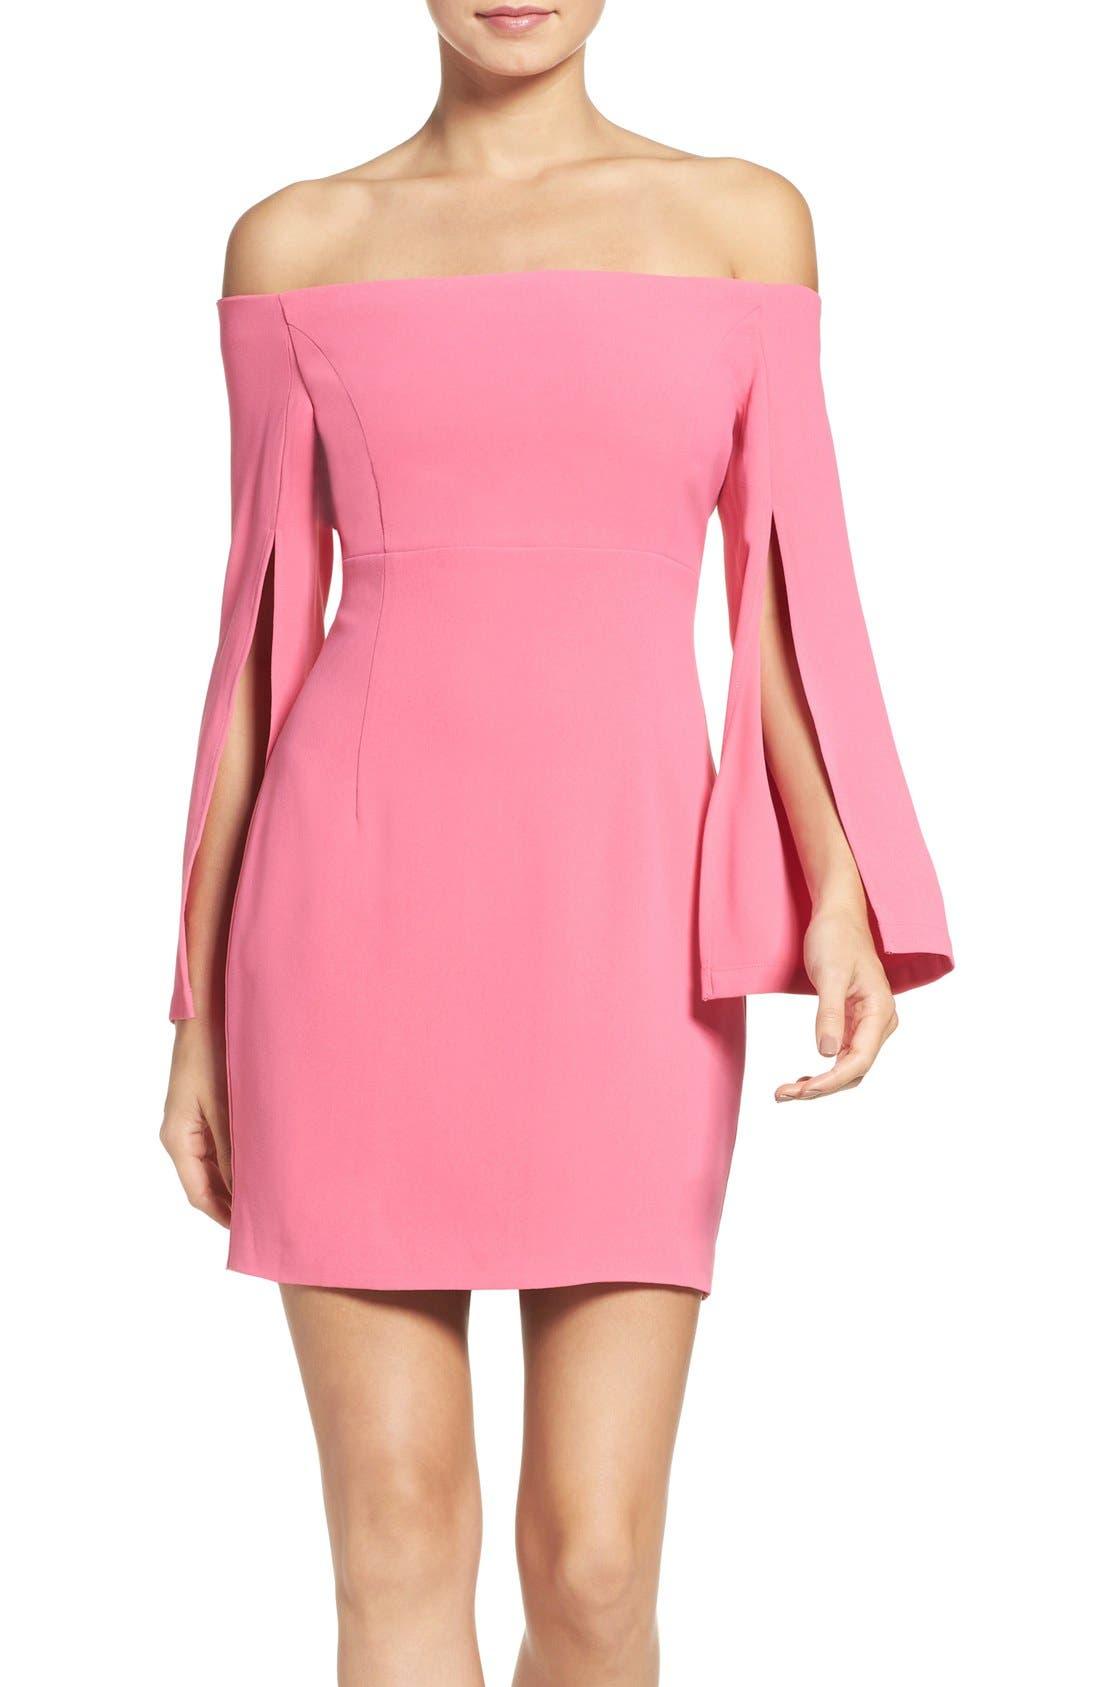 Alternate Image 1 Selected - Bardot Ava Off the Shoulder Dress